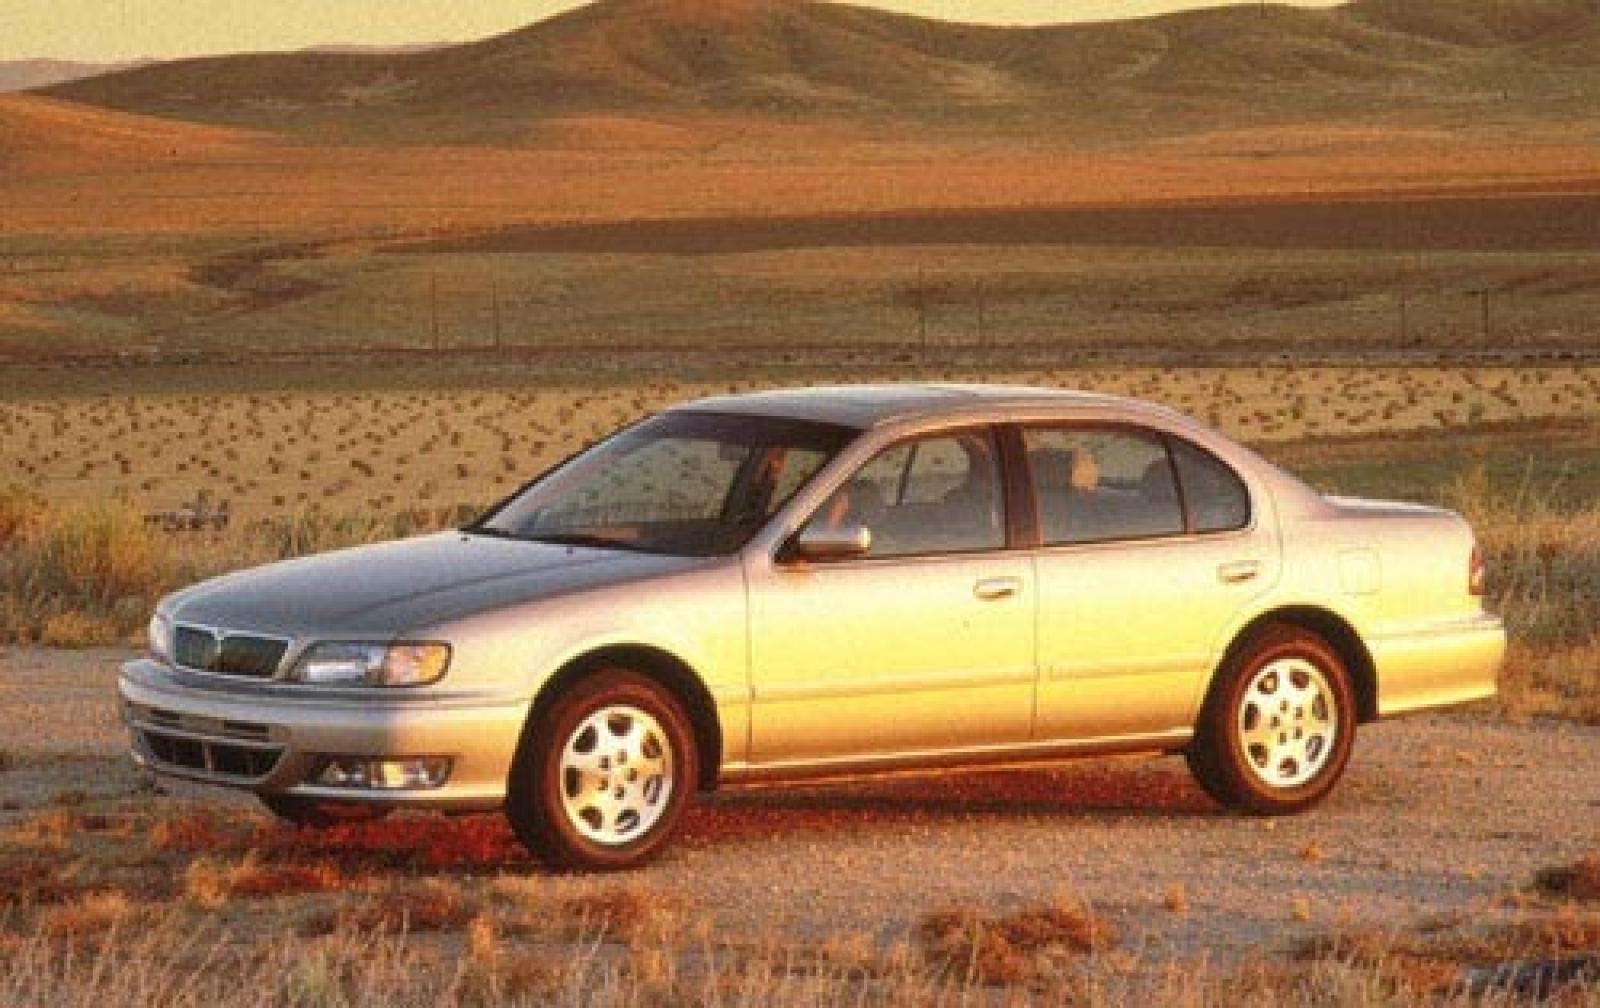 1999 infiniti i30 manual various owner manual guide u2022 rh justk co 1999 infiniti i30 repair manual 1997 Infiniti I30